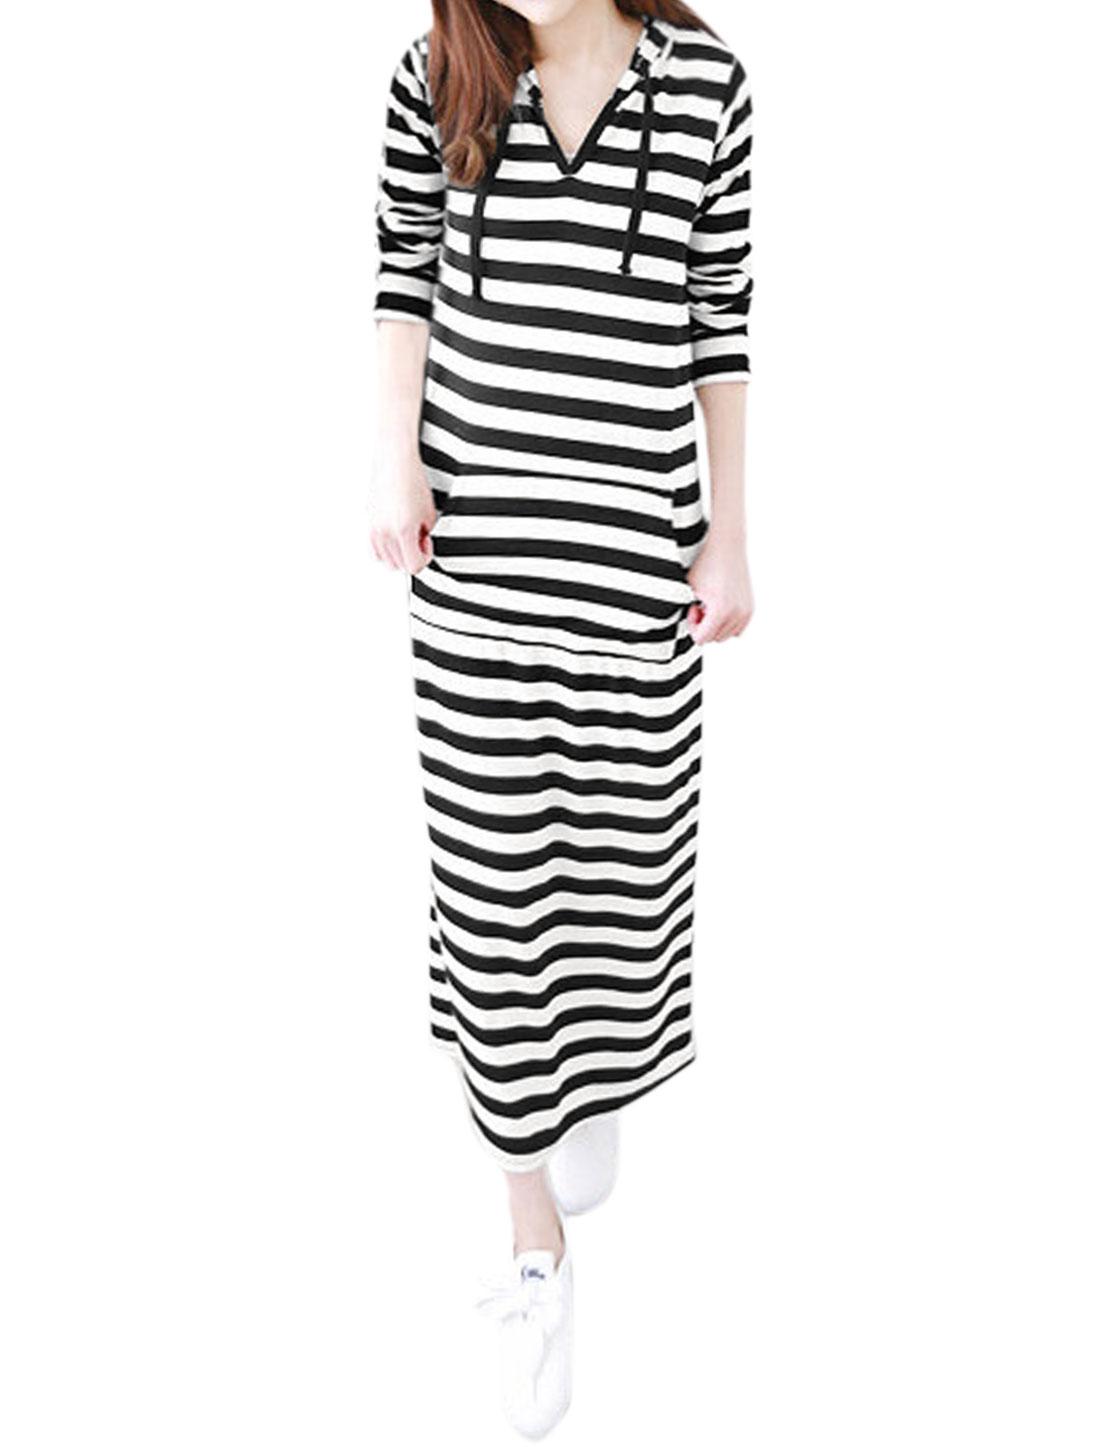 Women Drawstring Hood Long Sleeves Kangaroo Pocket Stripes Dress Black White M